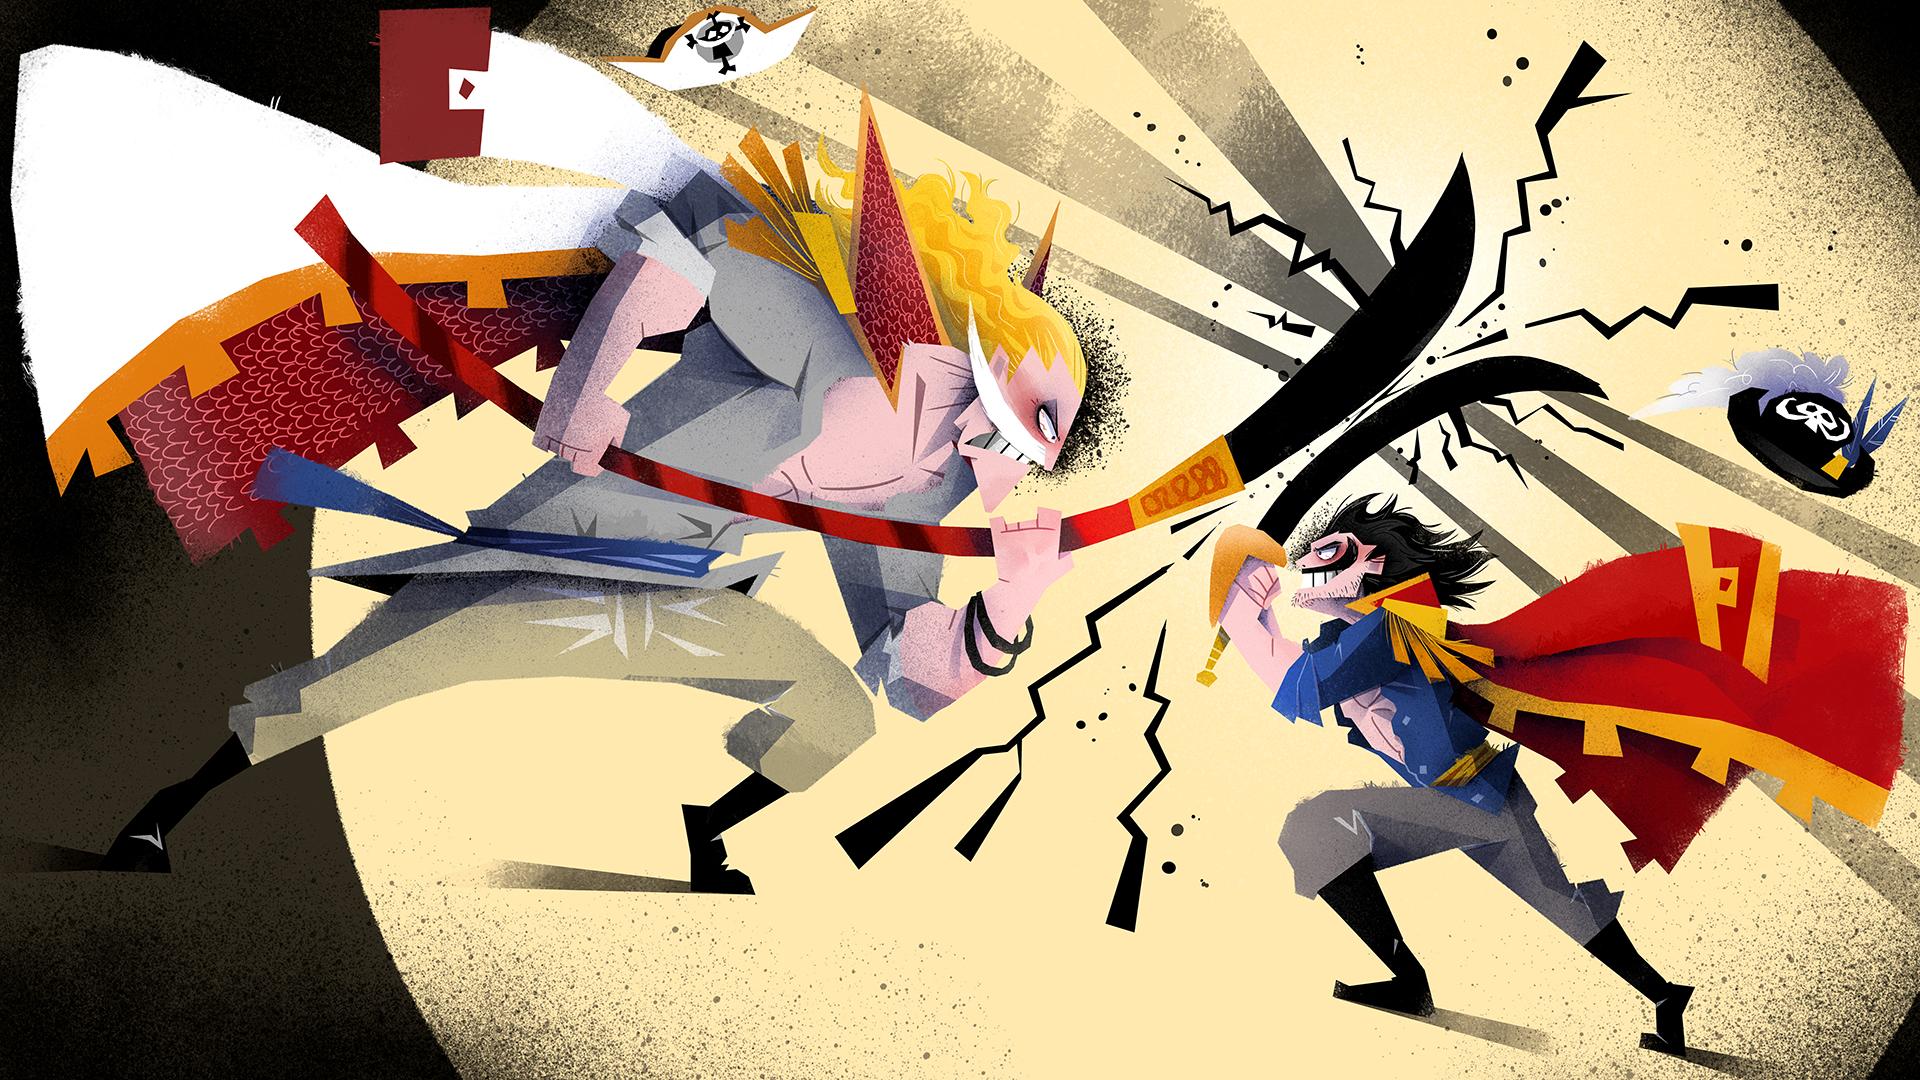 Whitebeard Vs Roger One Piece Wallpaper 43266613 Fanpop